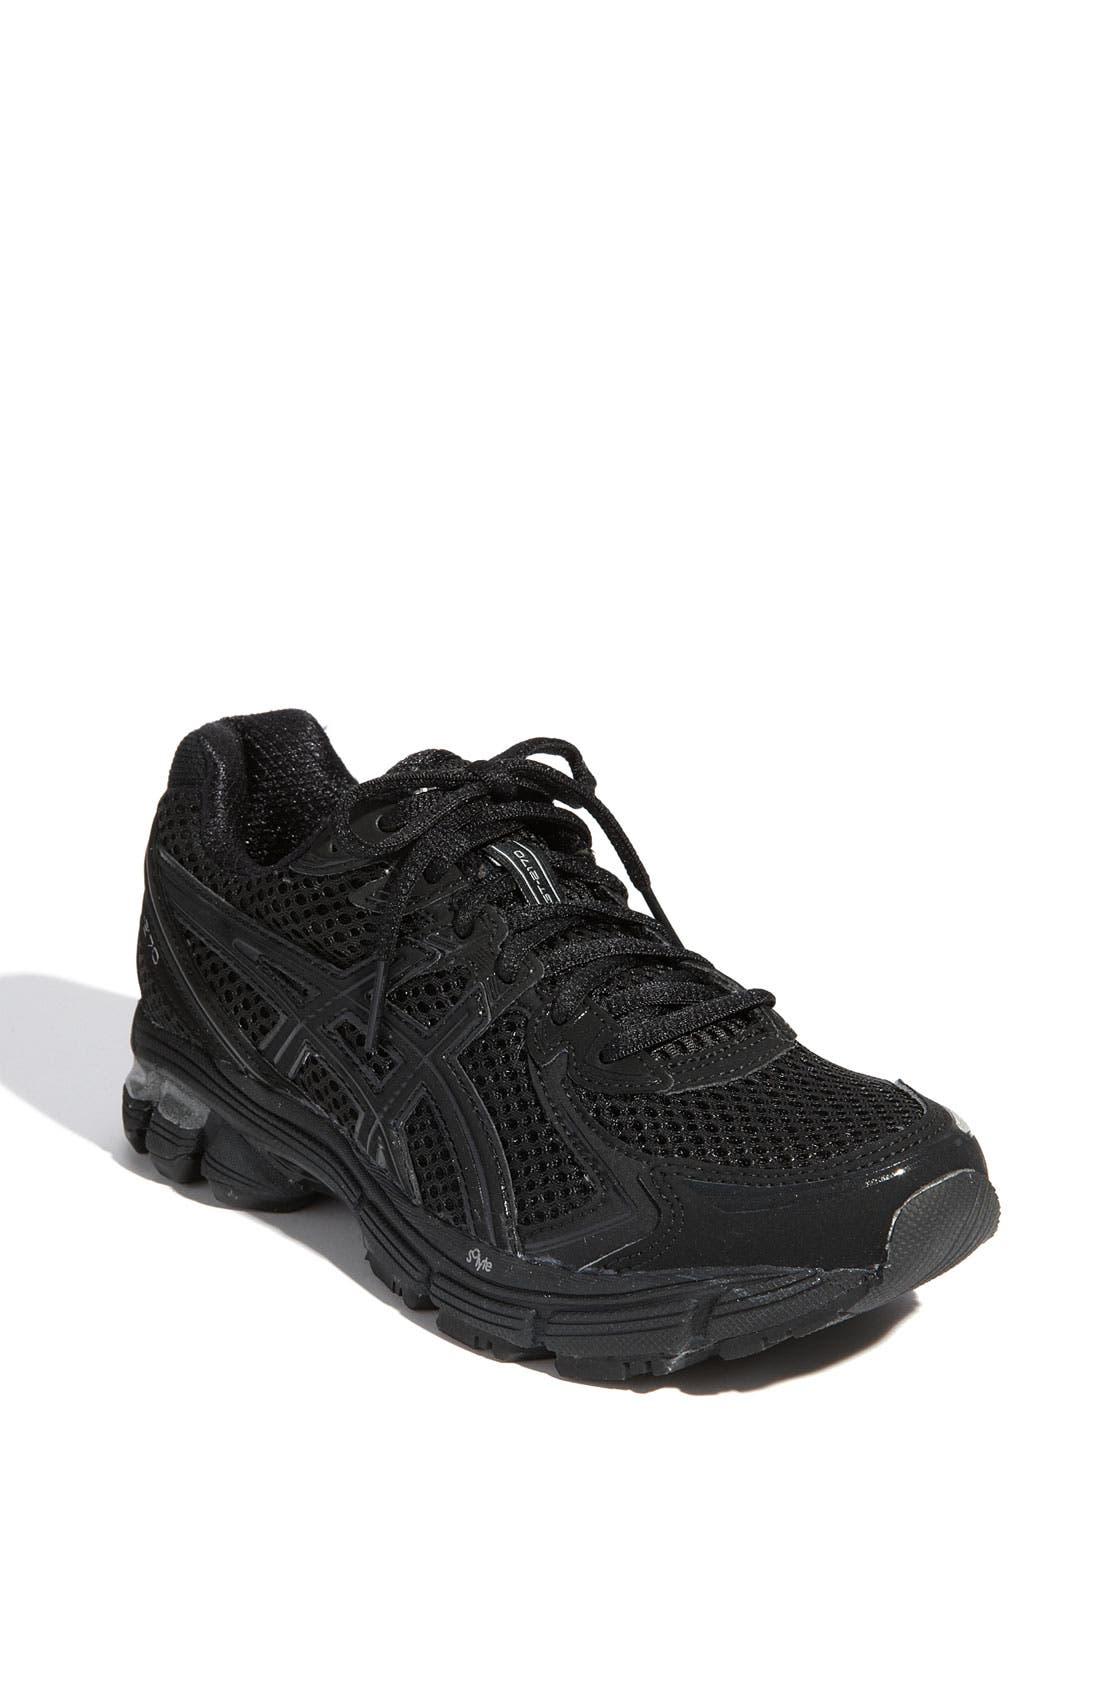 Alternate Image 1 Selected - ASICS® 'GT 2170' Running Shoe (Women)